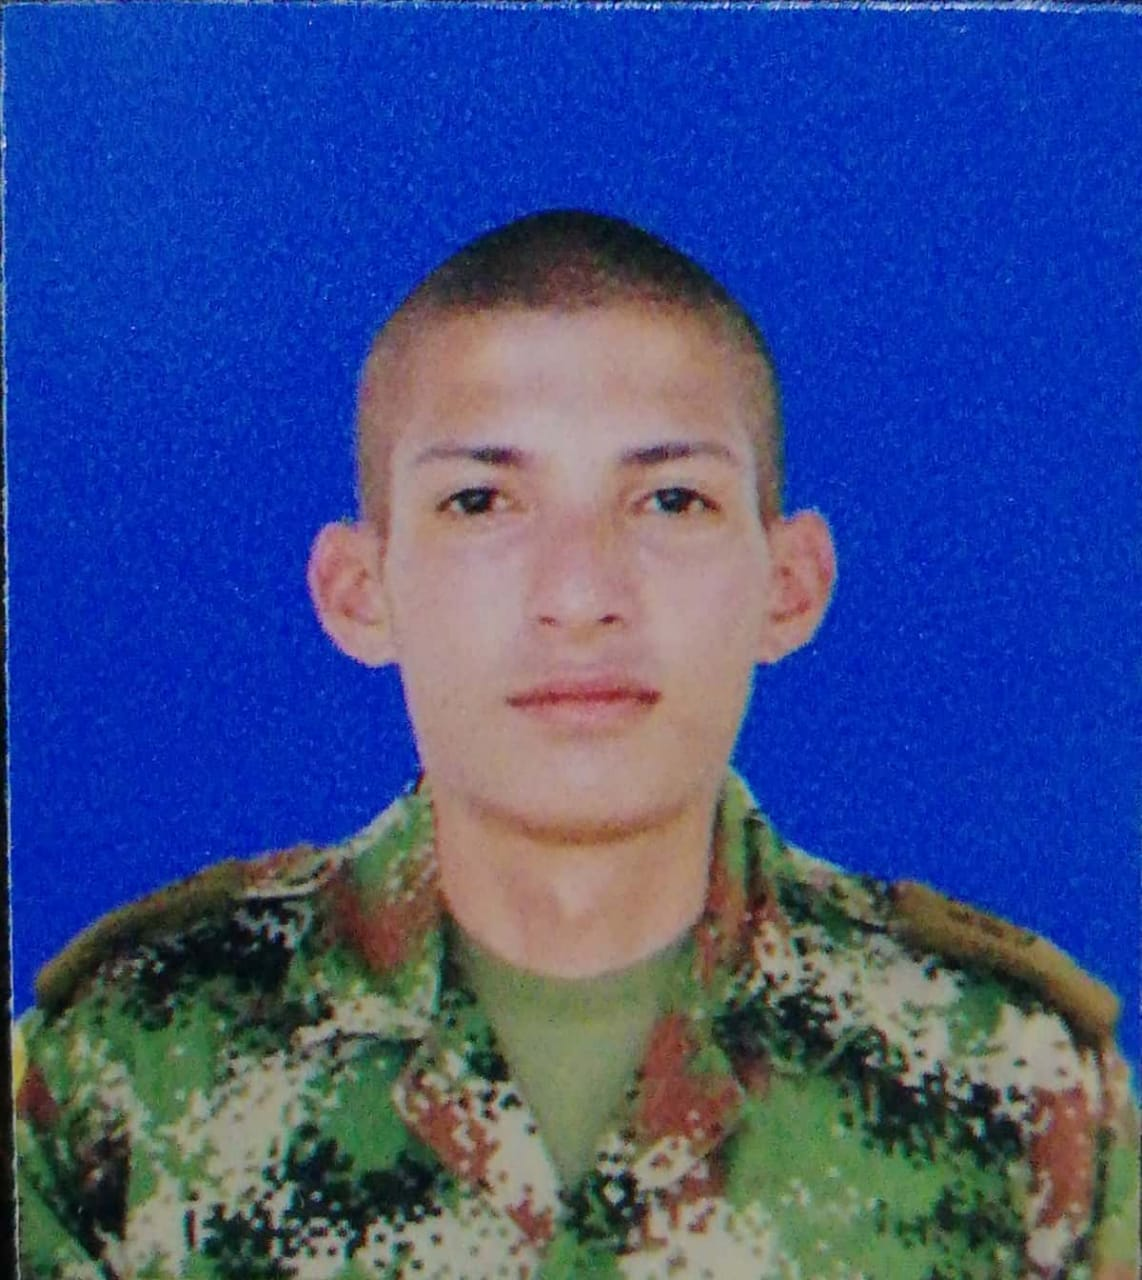 Soldado le quitó la vida  a su compañero de armas Eider Alexis Tovar Triviño